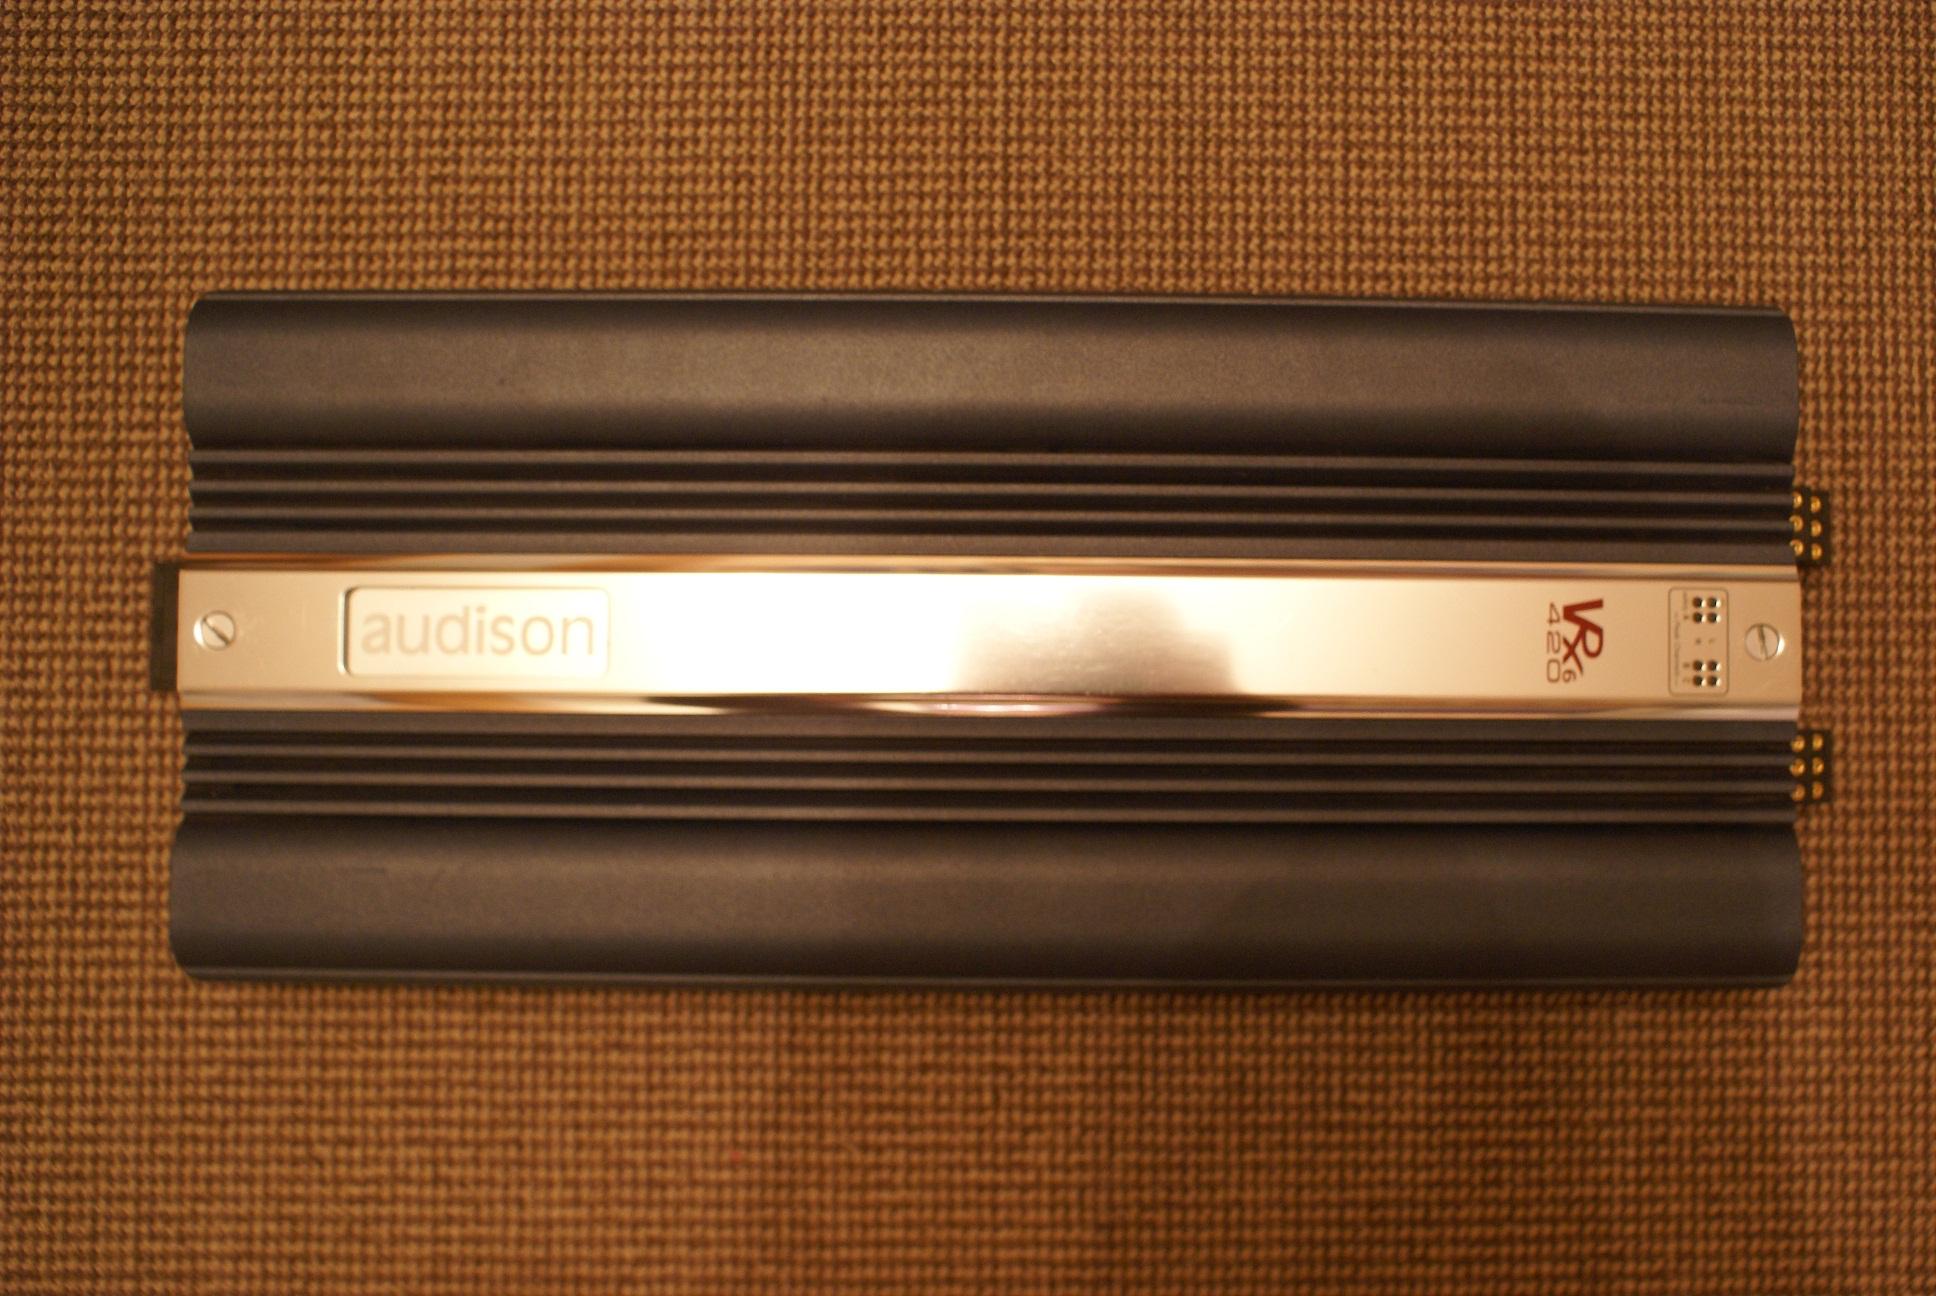 Усилитель Audison VRx 6.420 - 001